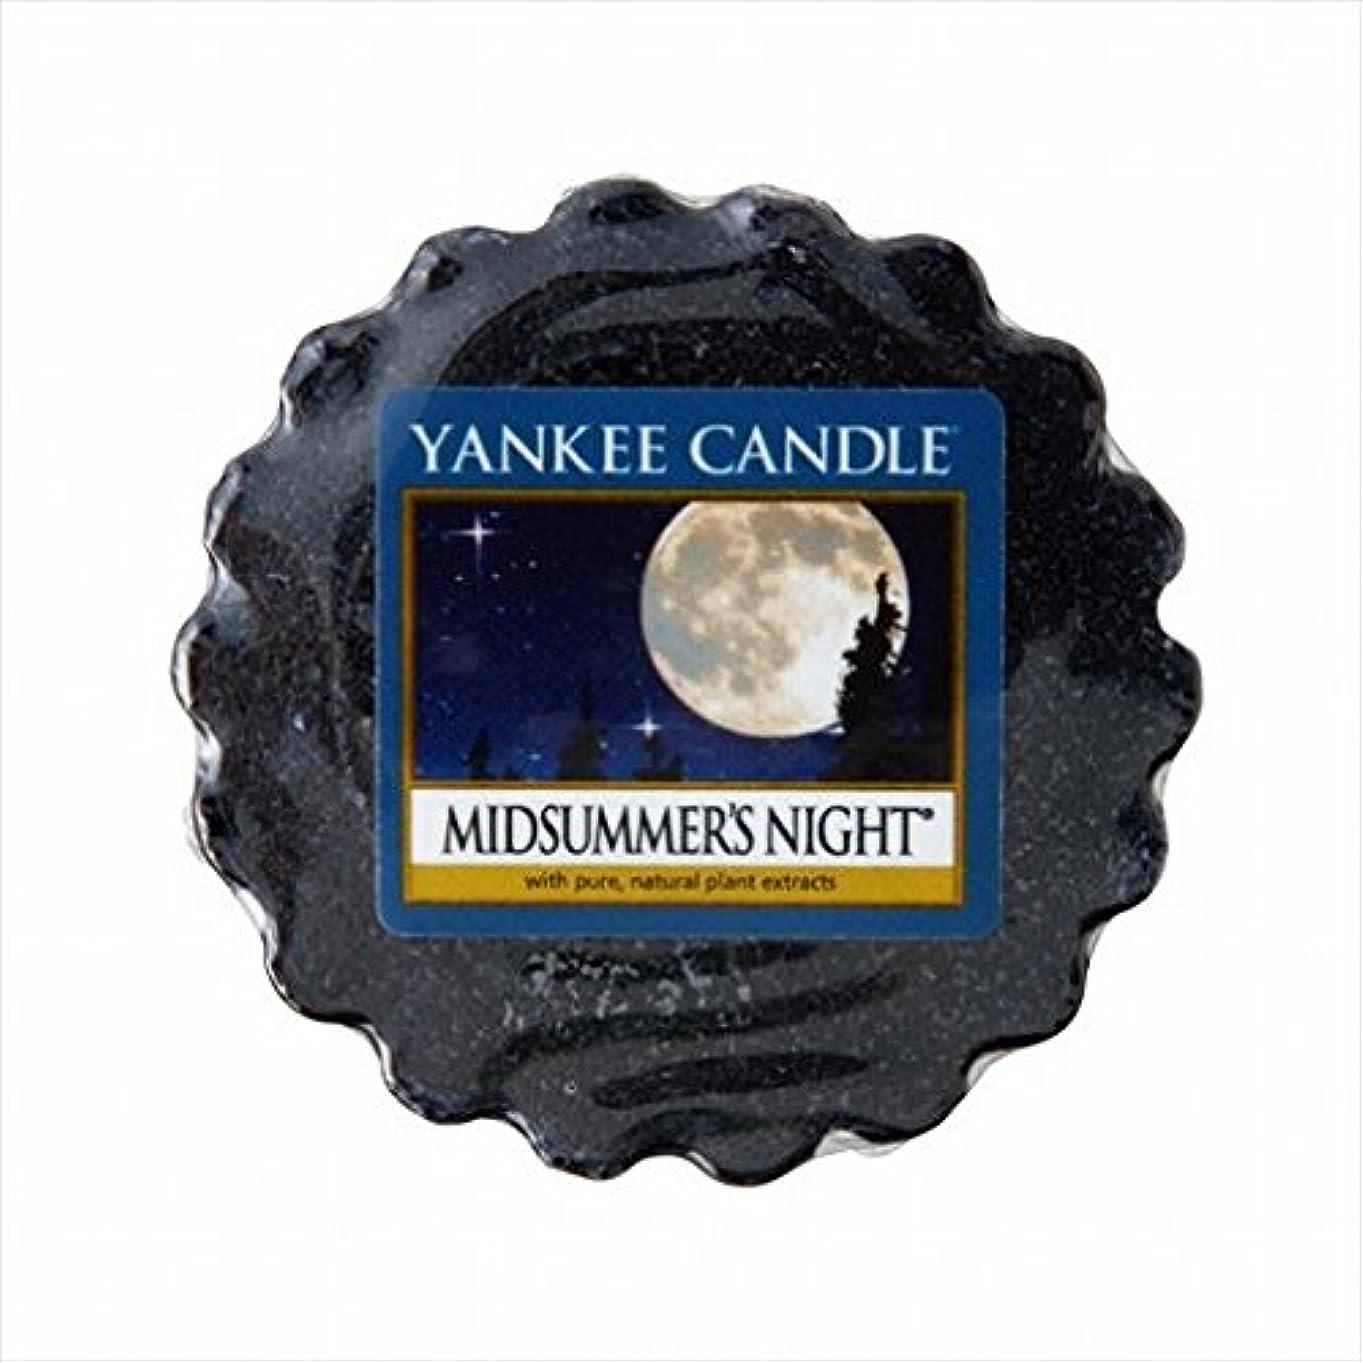 カメヤマキャンドル(kameyama candle) YANKEE CANDLE タルト ワックスポプリ 「 ミッドサマーズナイト 」